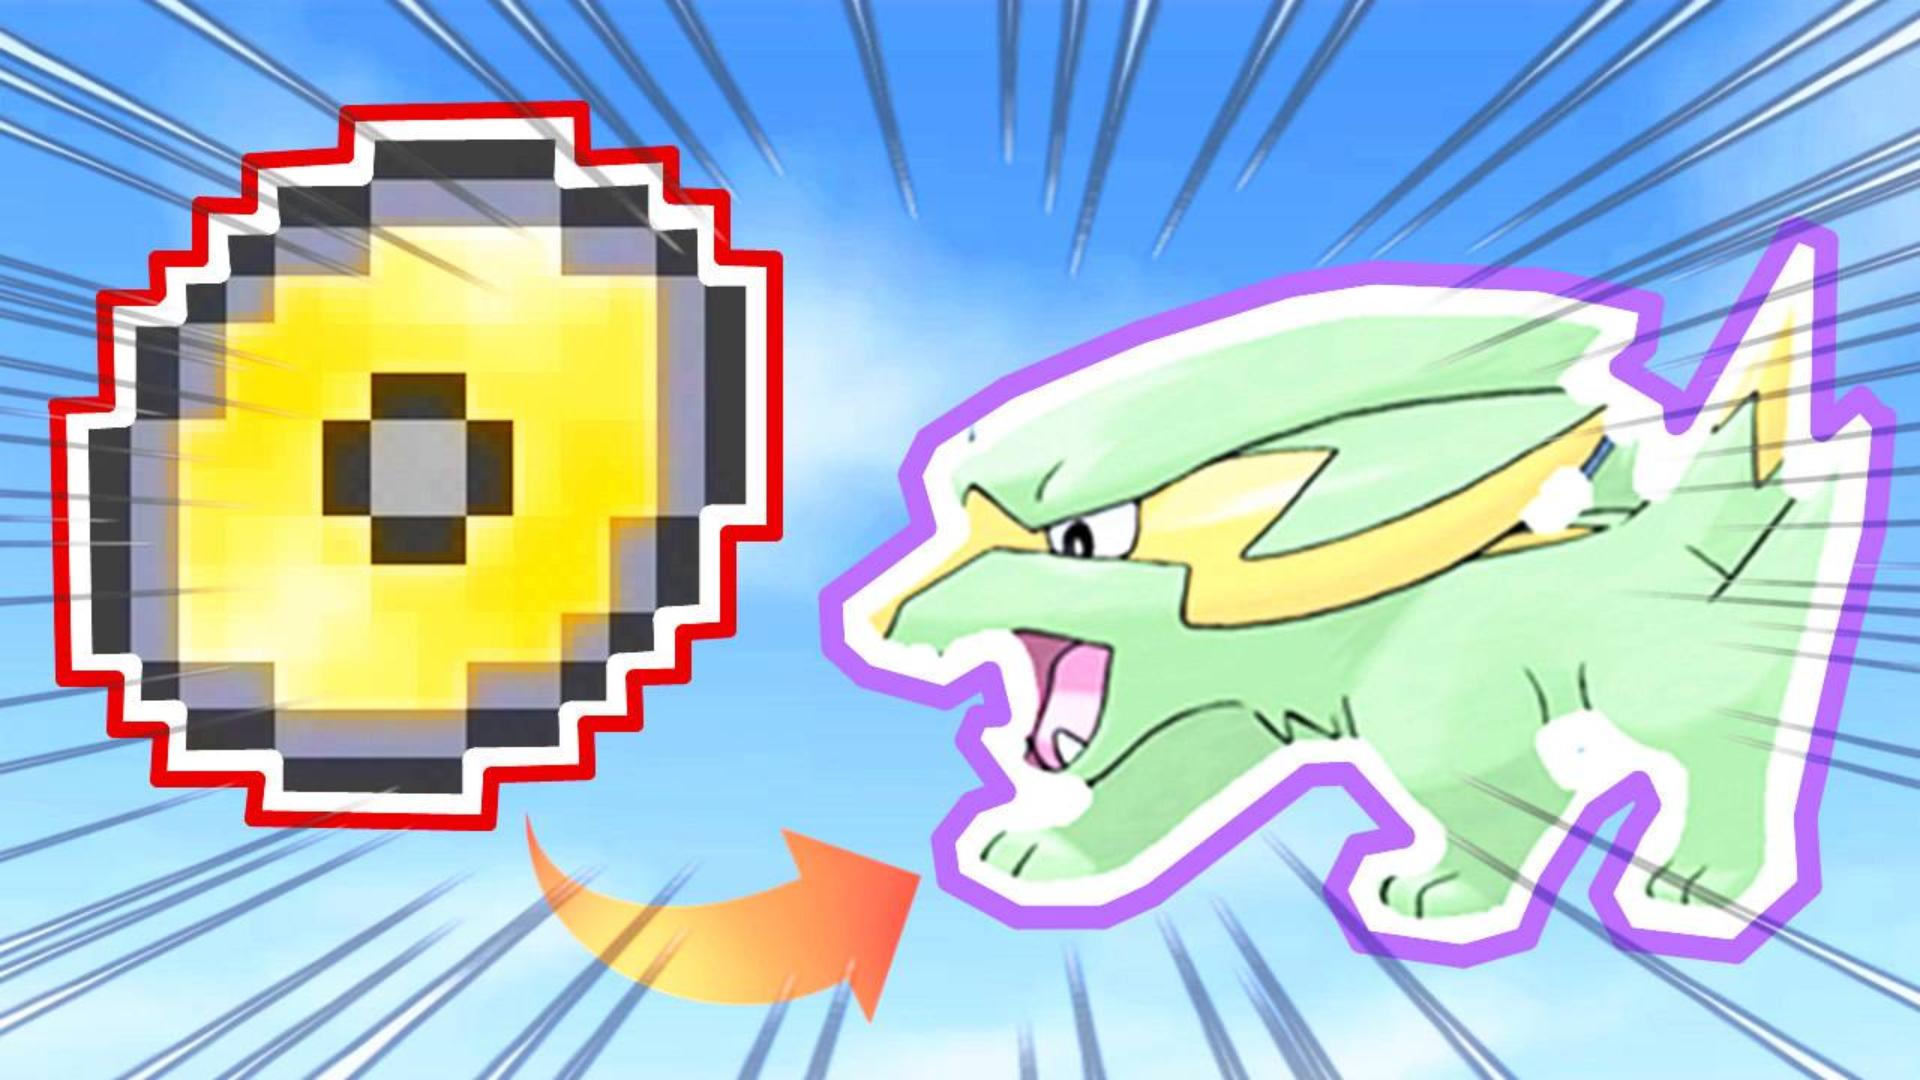 我的世界精灵宝可梦42:在野外收集了技能学习器,一个球抓落雷兽!